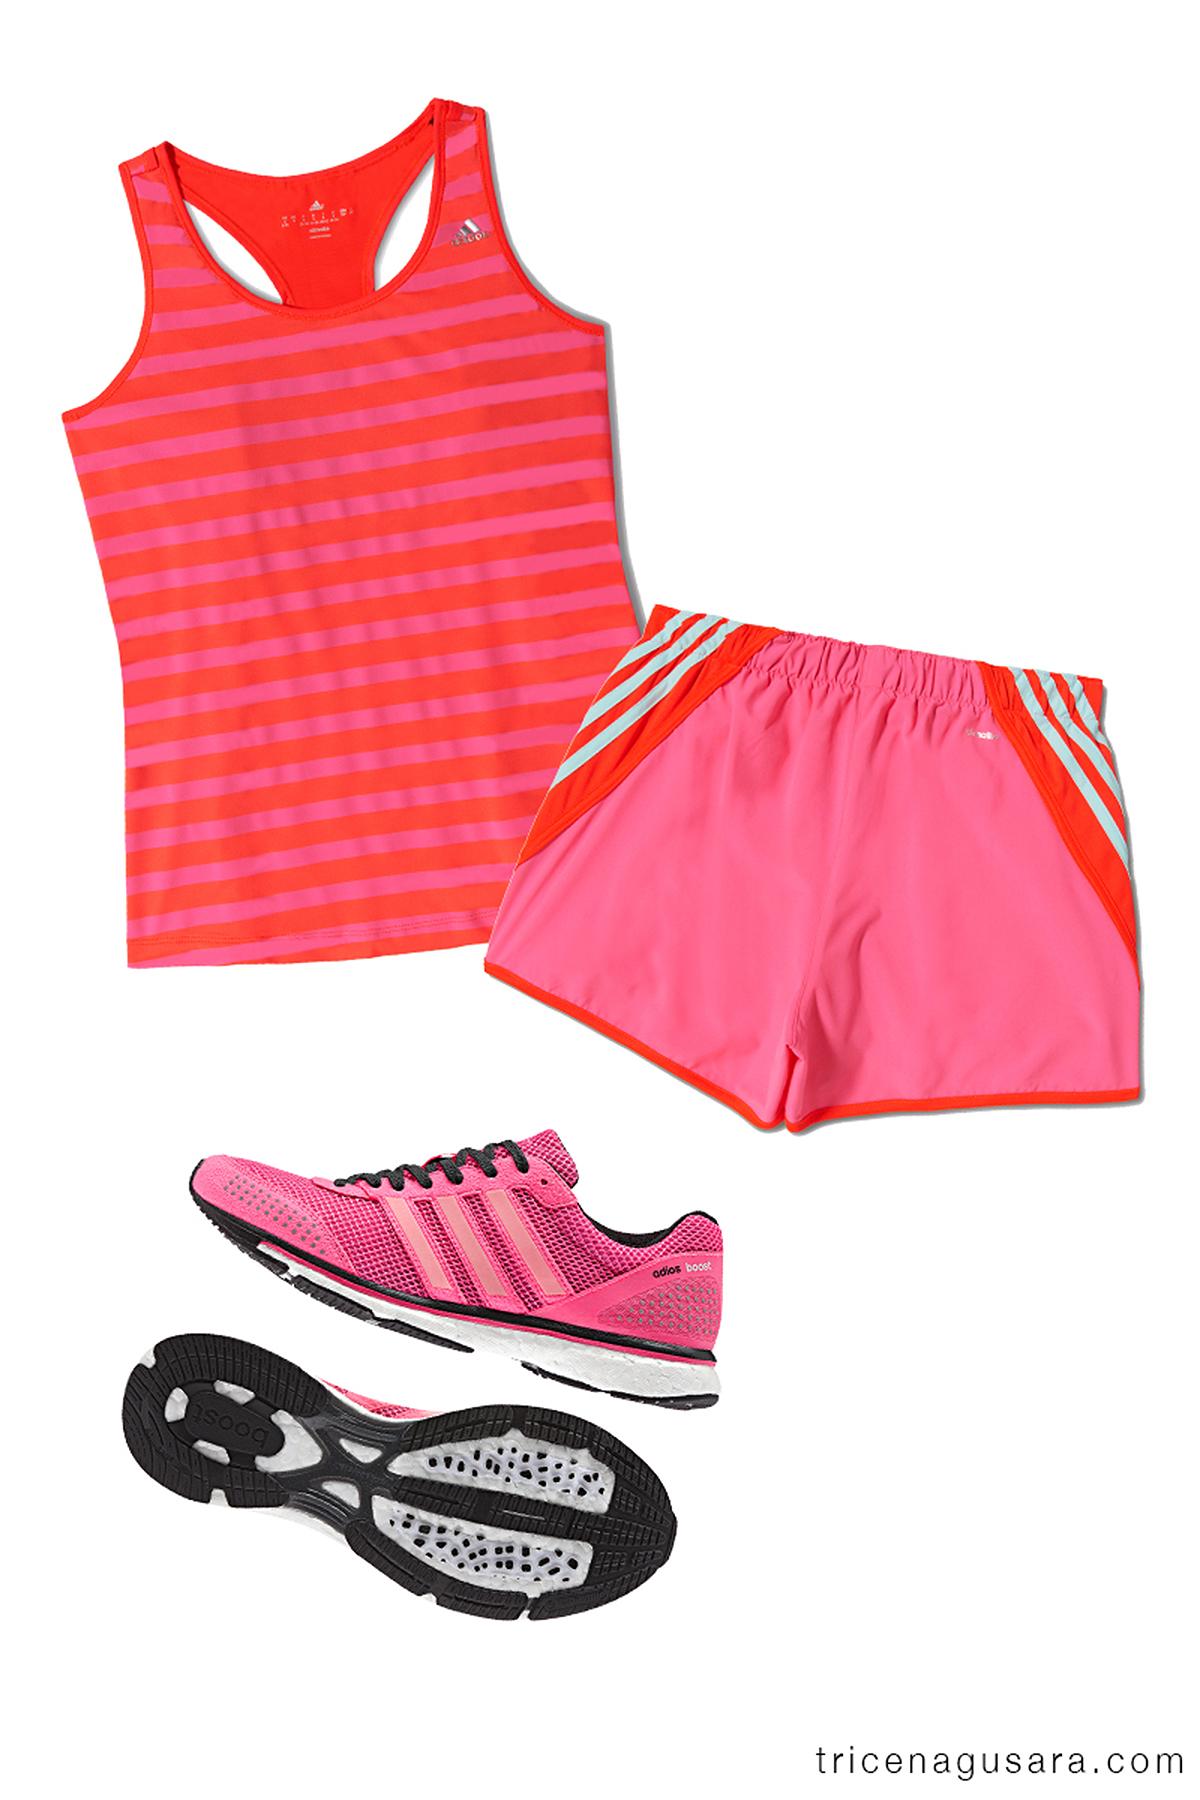 Trice Nagusara La Petite Adidas My Girls 02